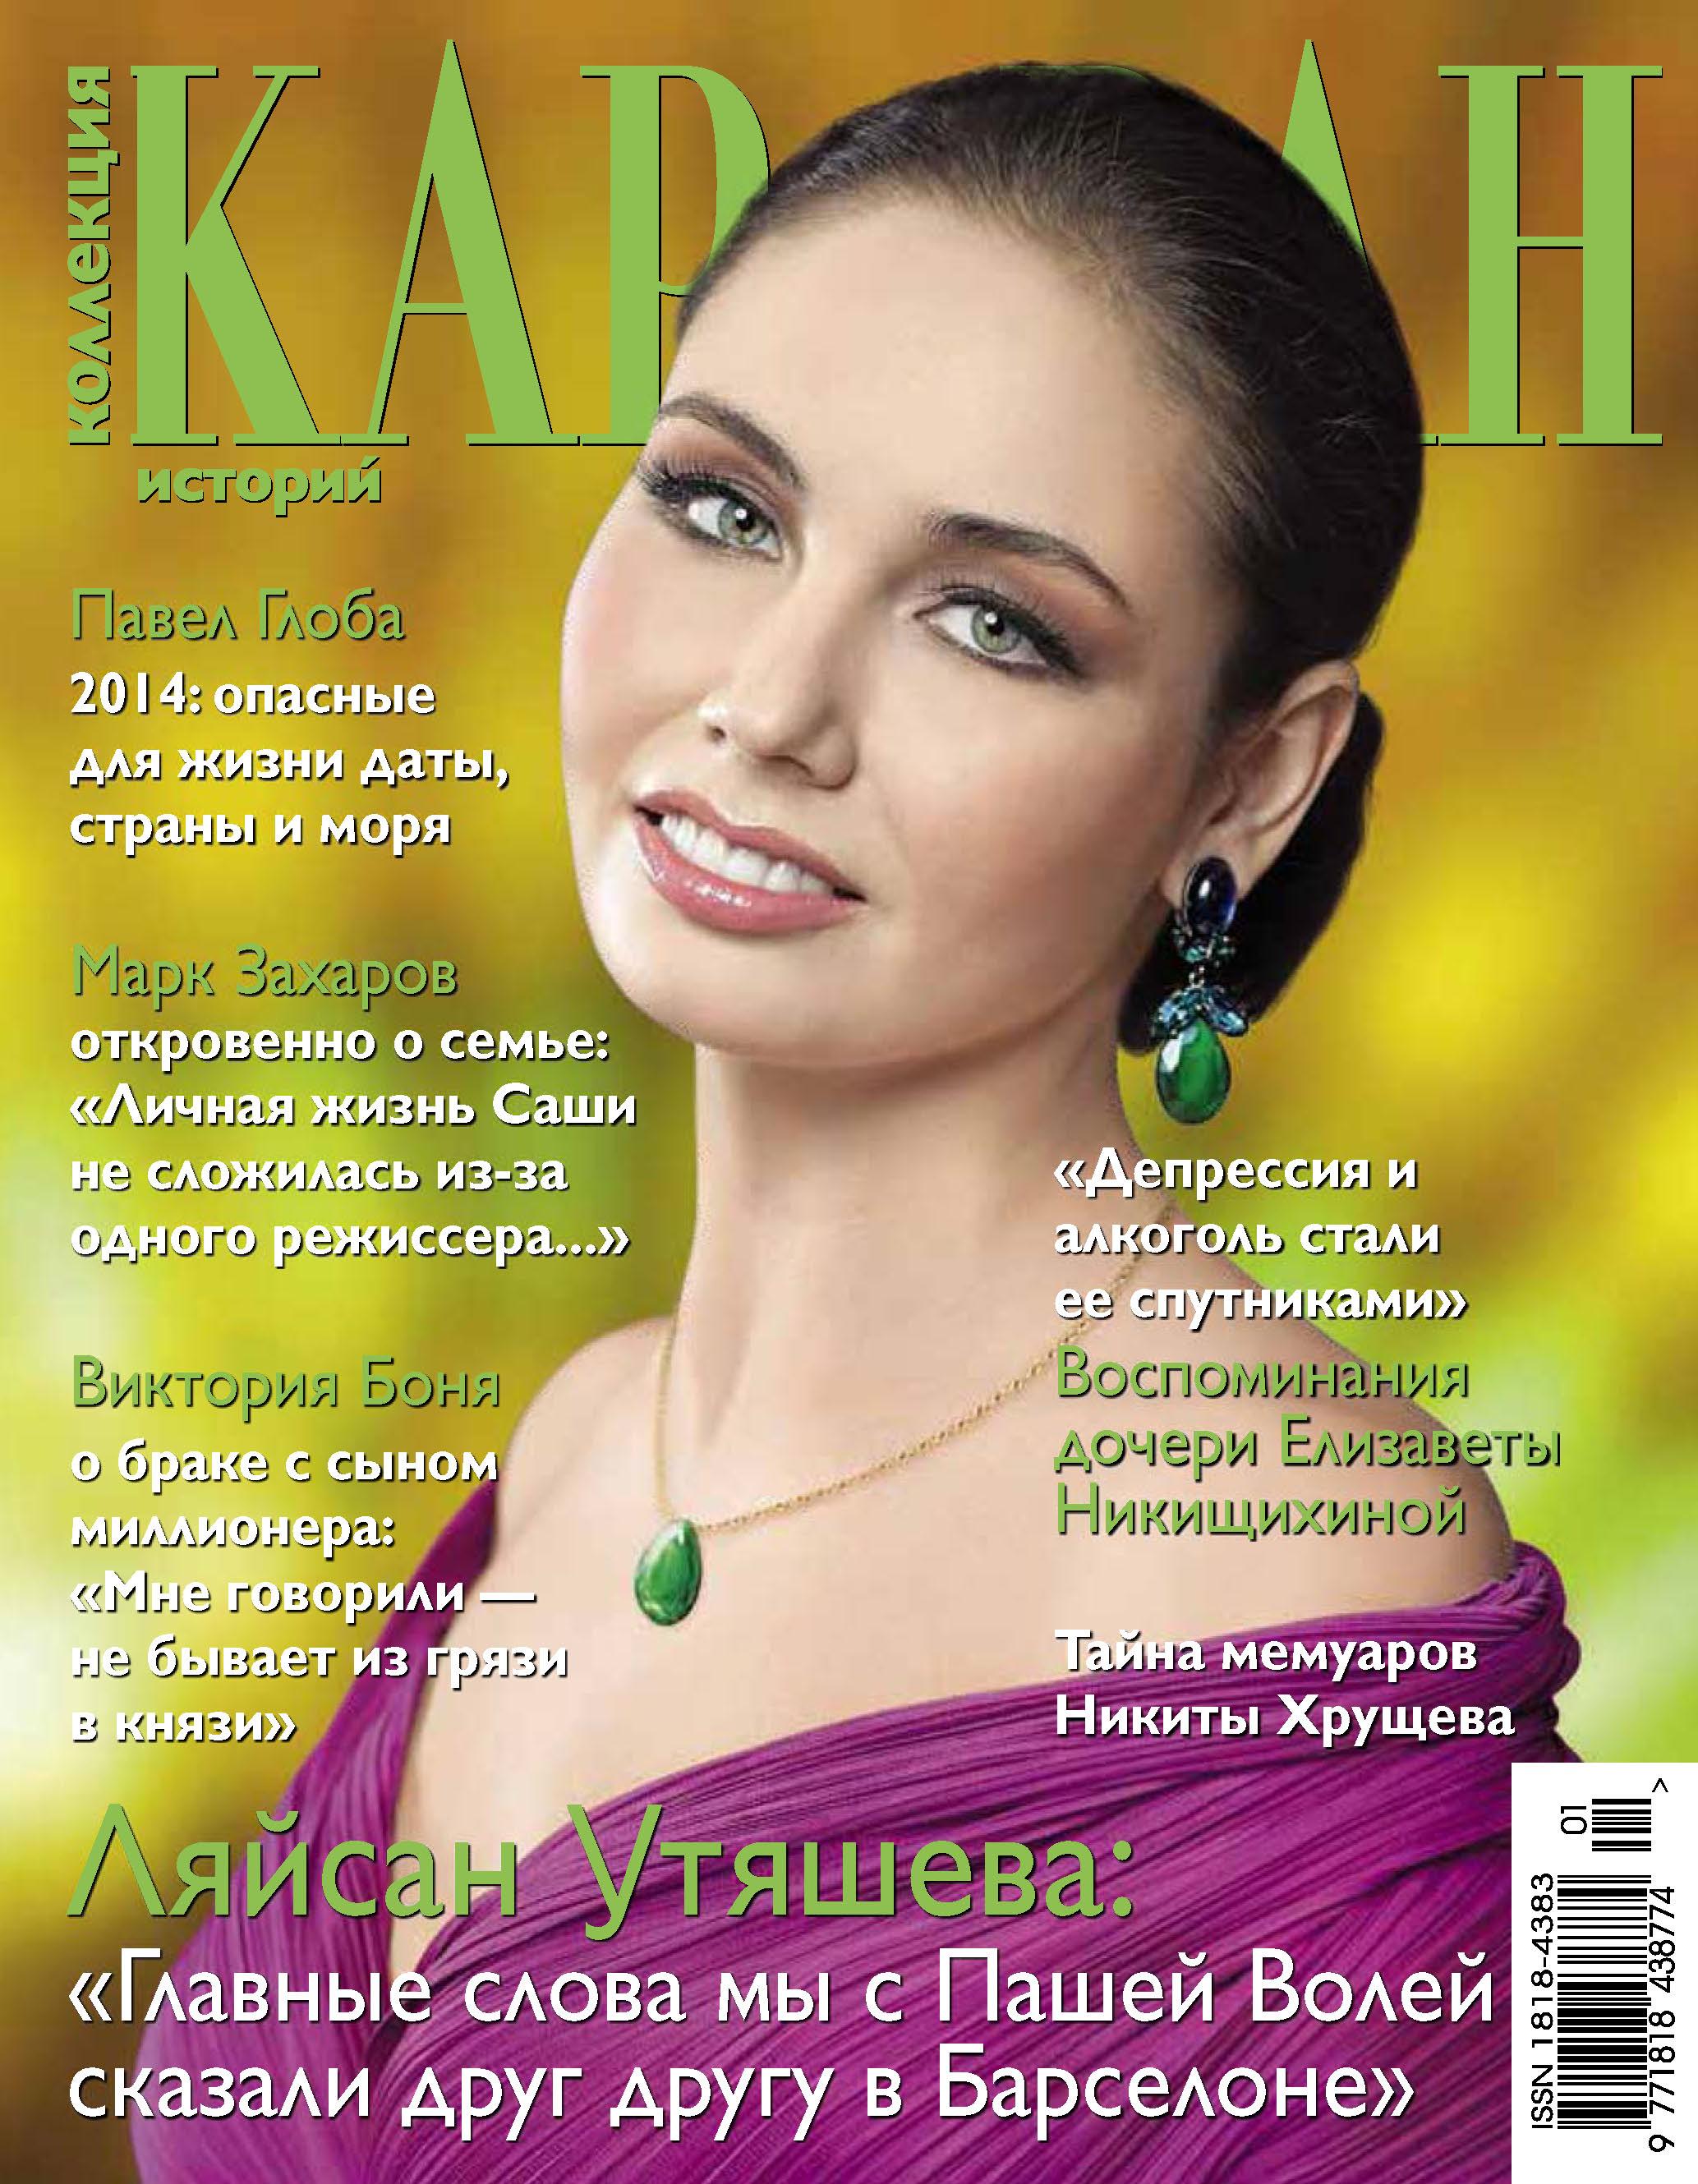 Отсутствует Коллекция Караван историй №01 / январь 2014